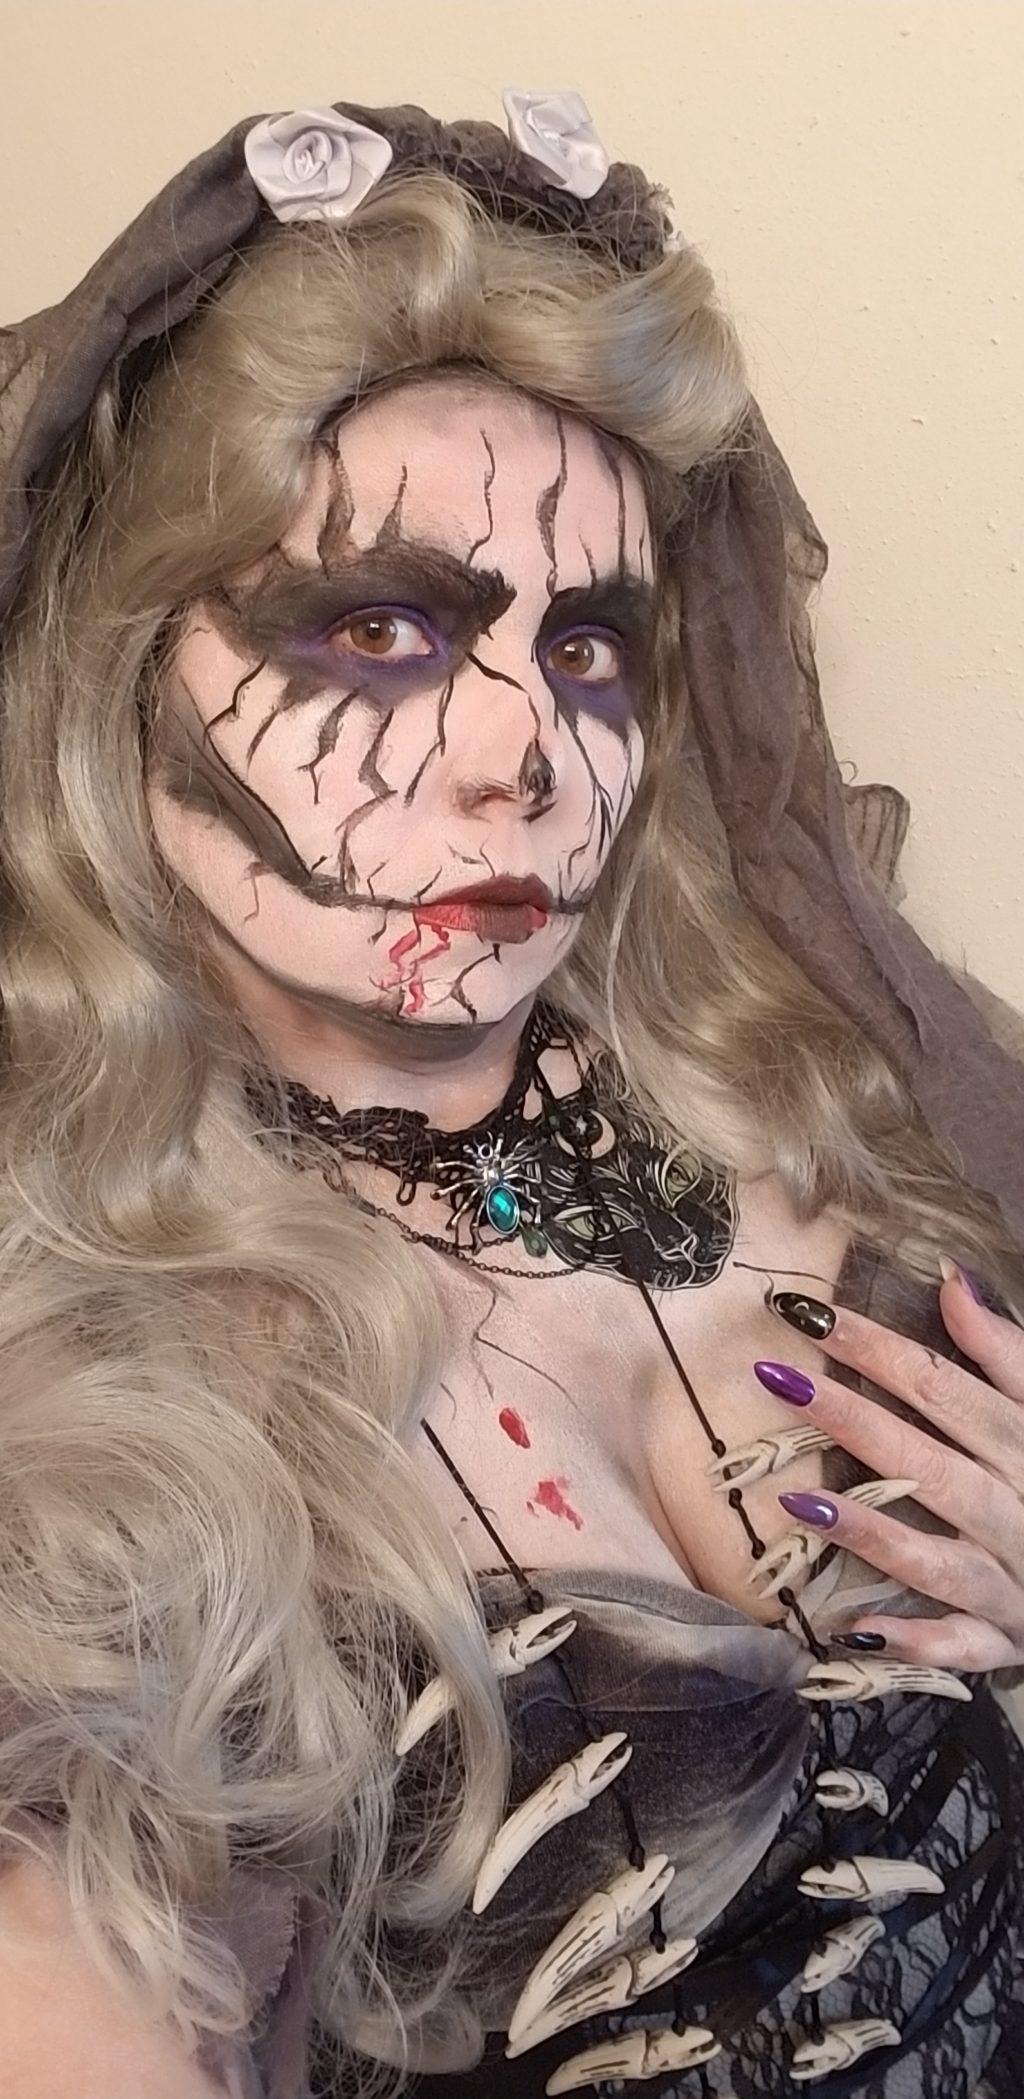 Boo-tiful Corpse Bride